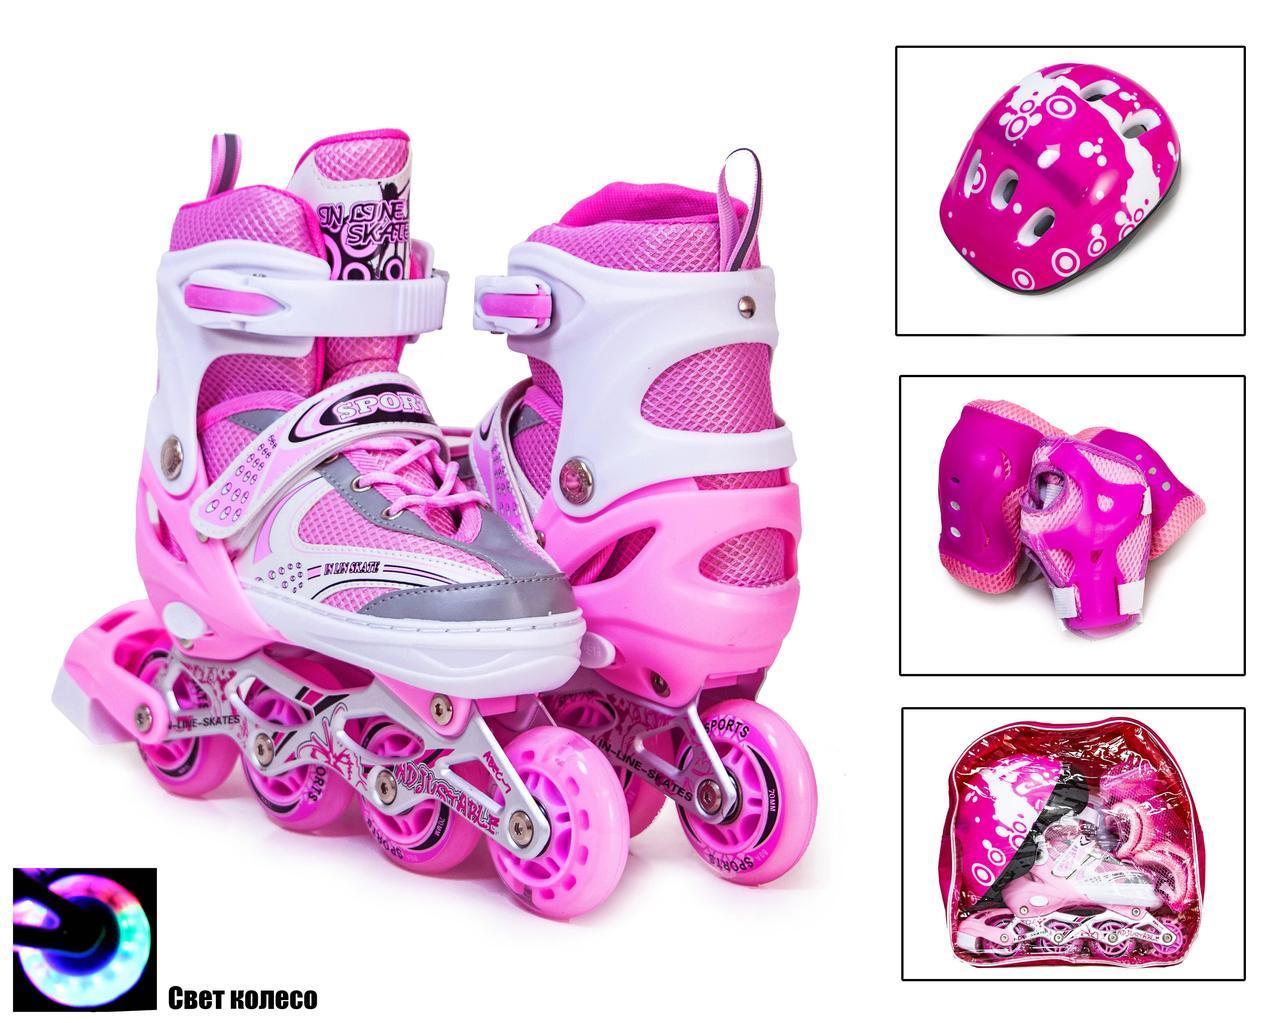 Комплект Раздвижных Роликов Sport 29-33, 34-37 р - Ролики для девочки - Розовый